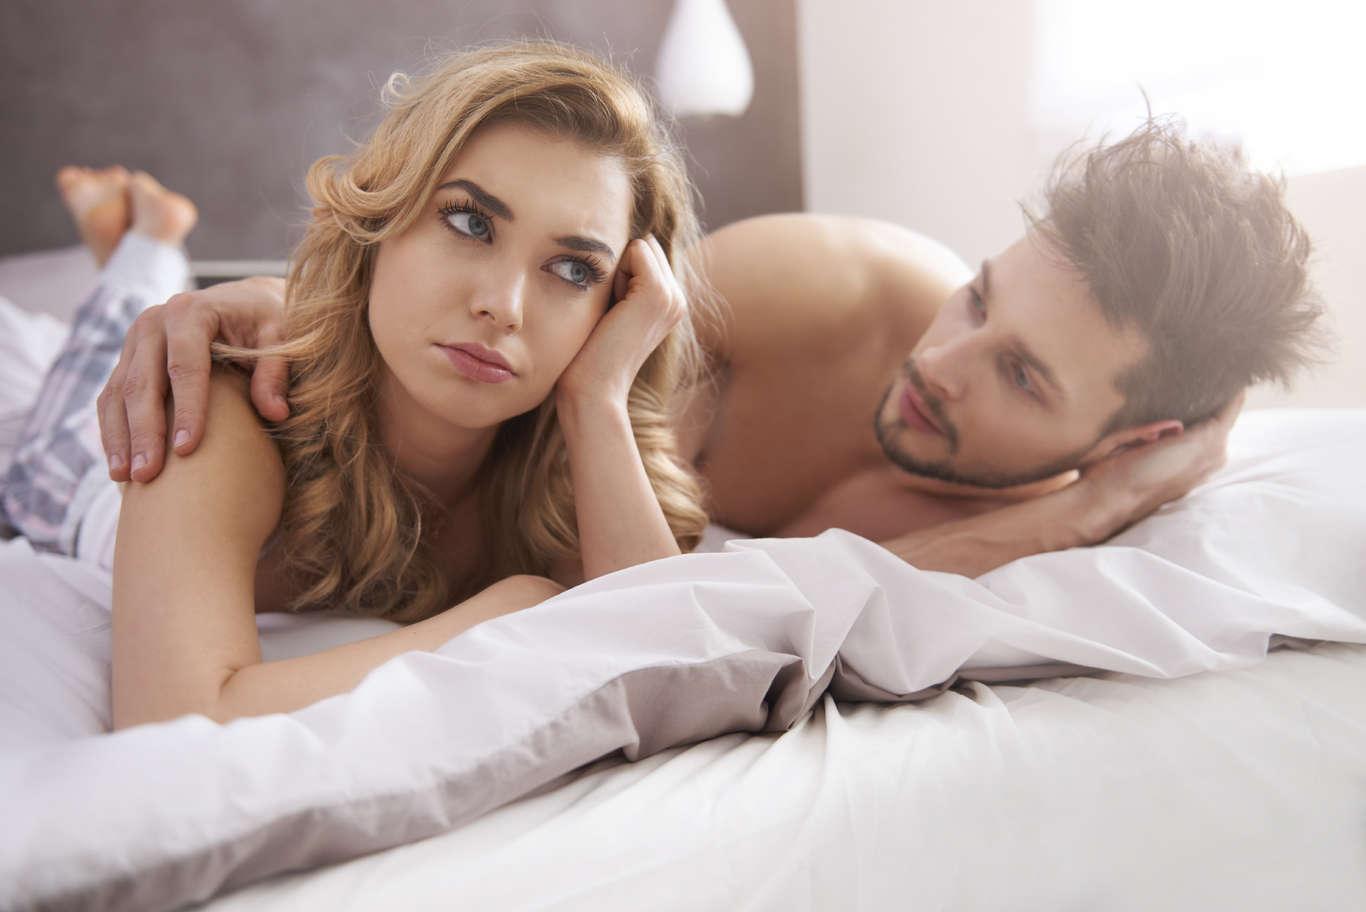 Самый простой секс 2, Порно секс втроем, 2 девушки и 1 парень - Смотреть 23 фотография